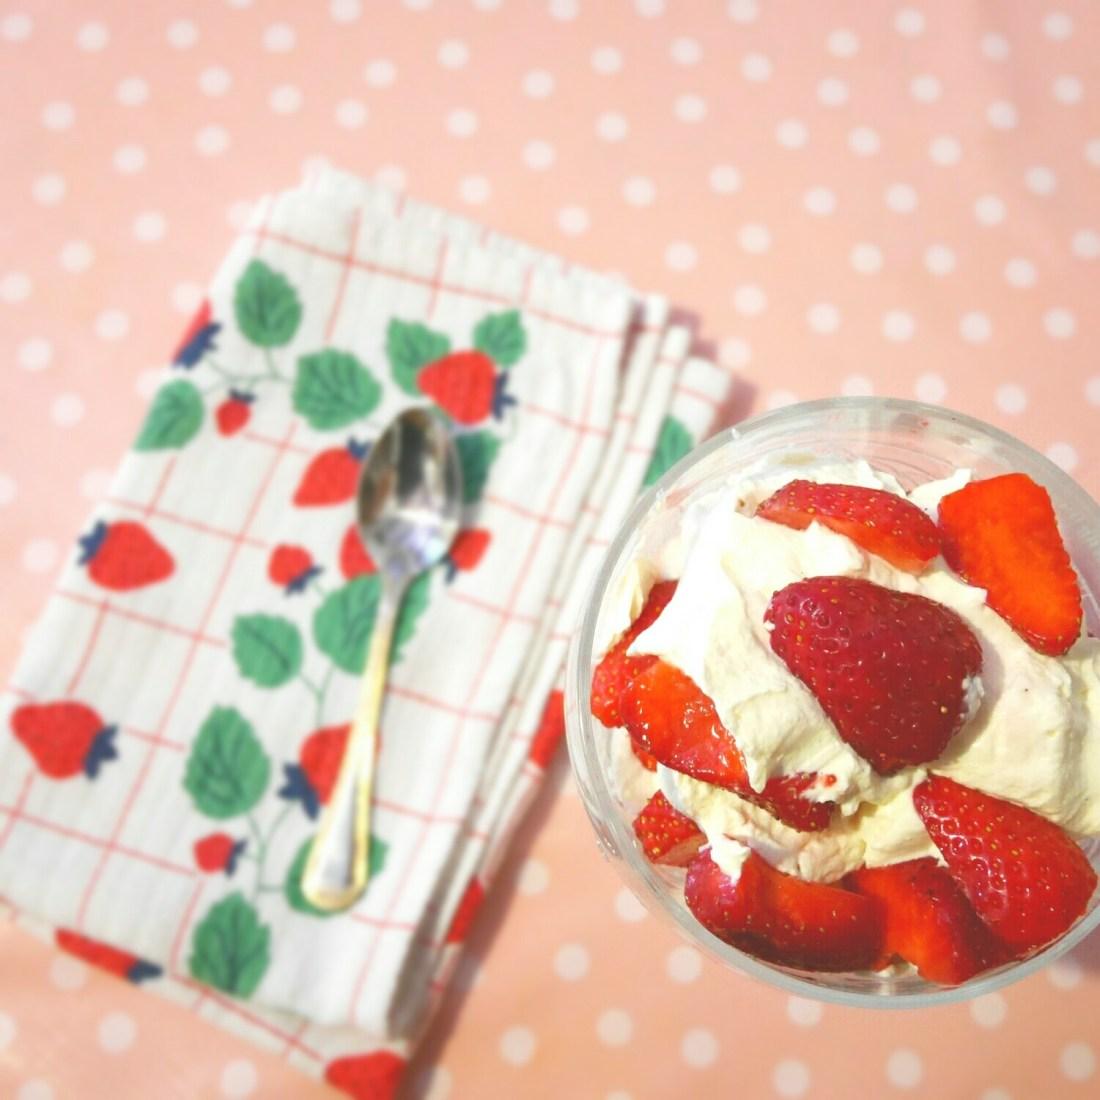 Coupe de fraises à la crème